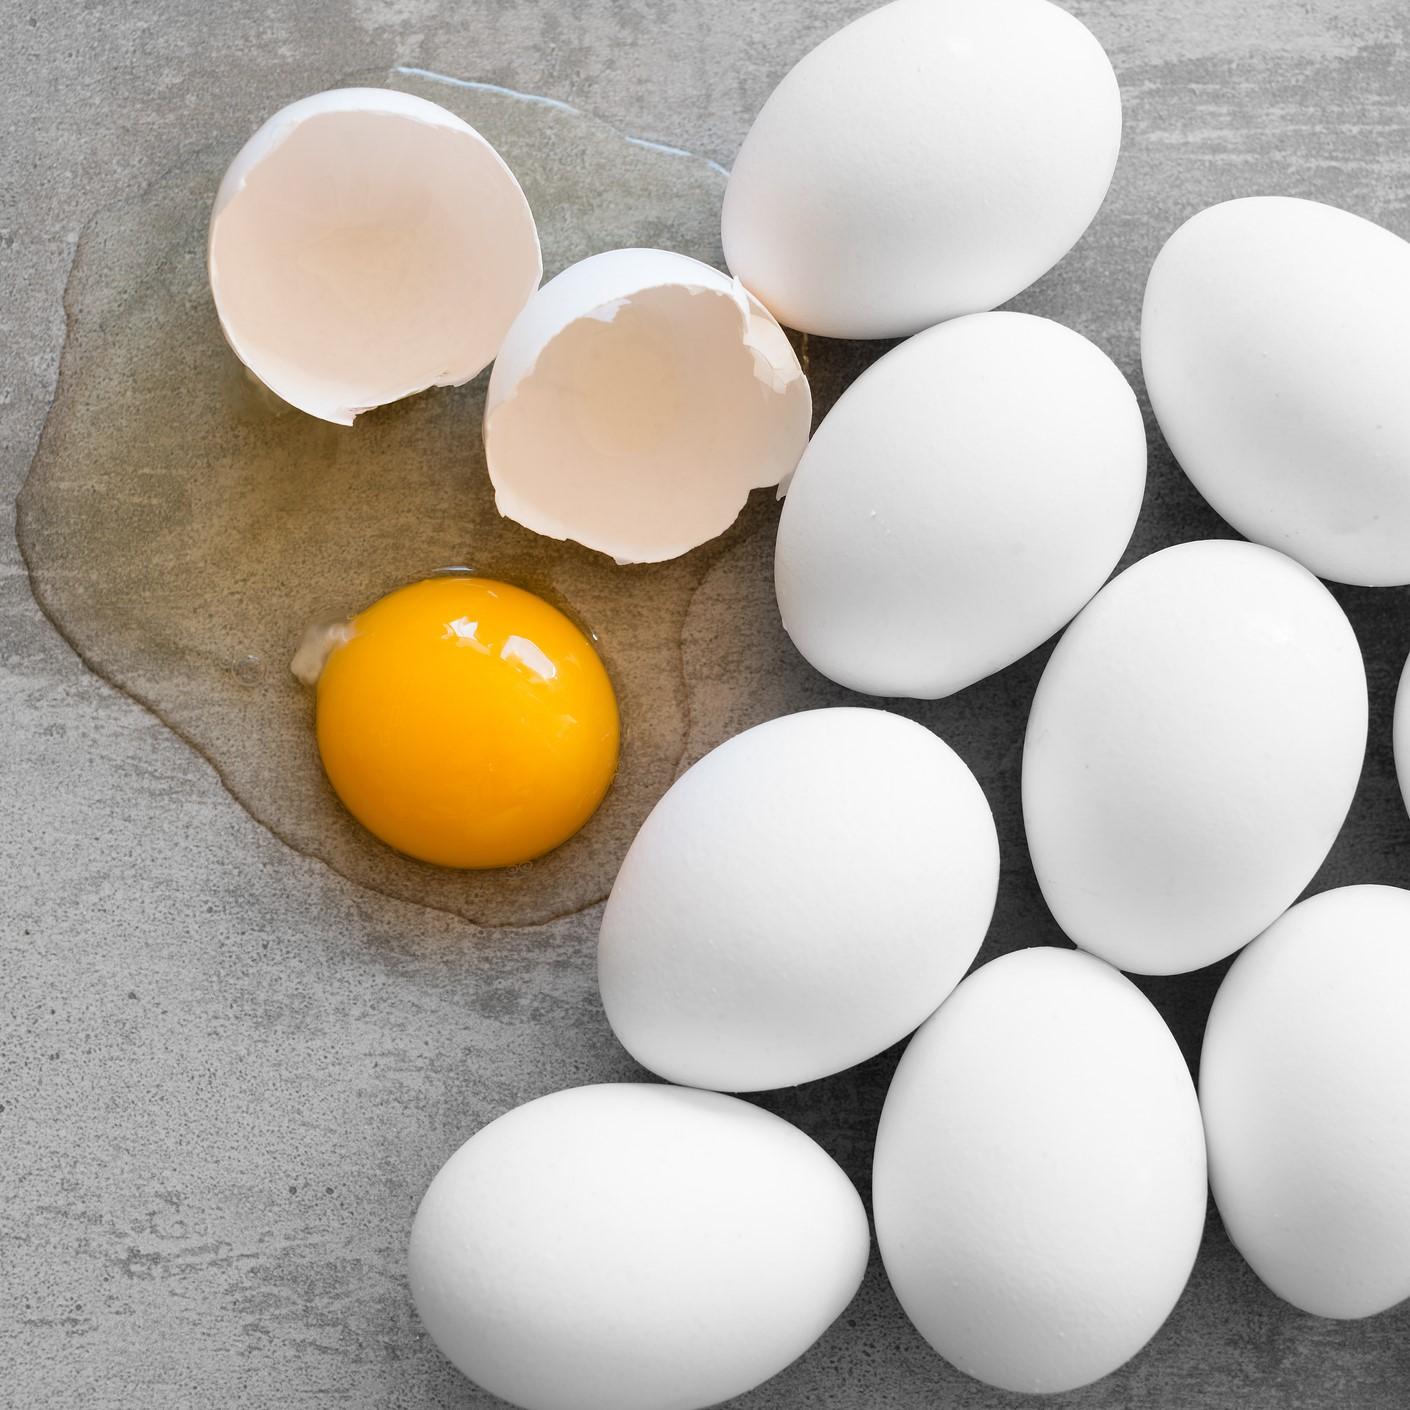 White eggs, one broken egg showing yolk